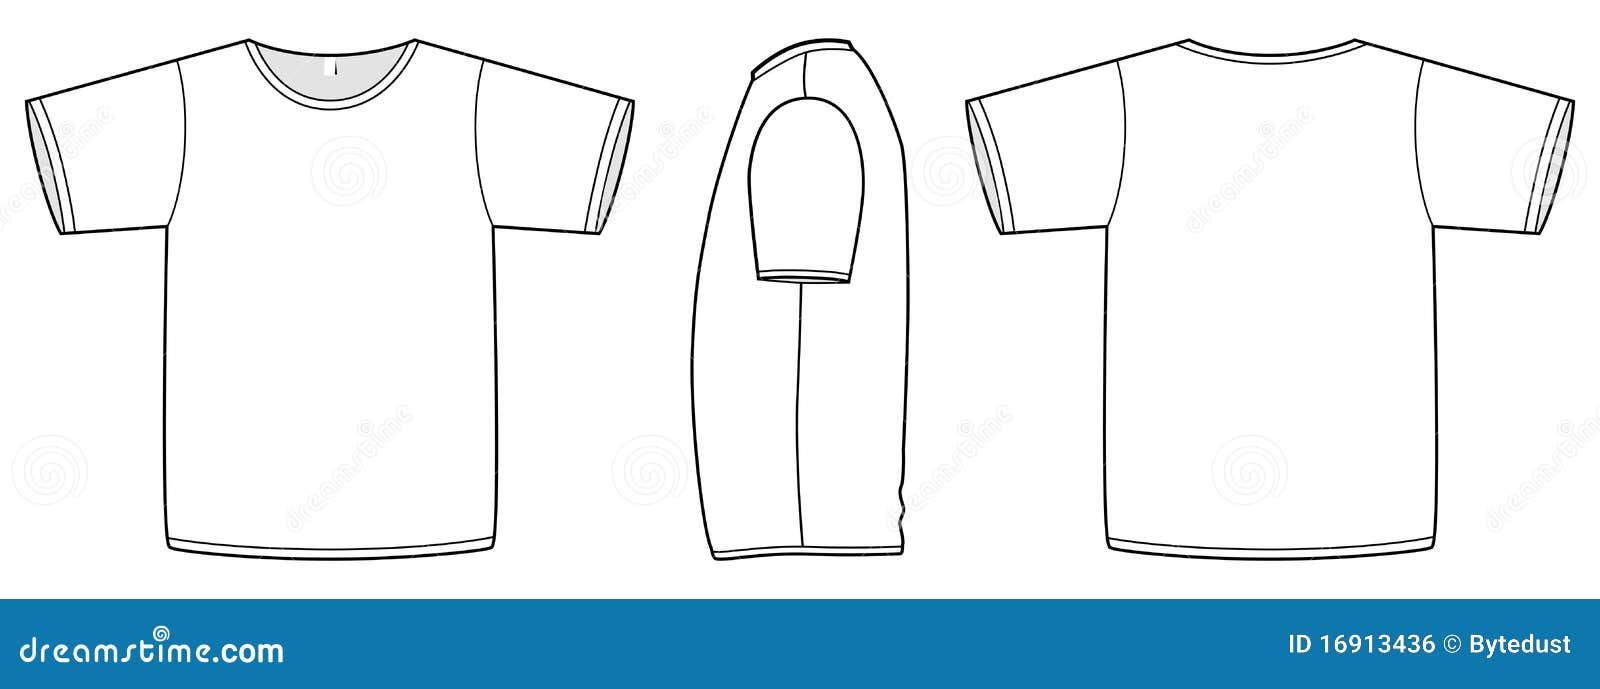 вектор основного шаблона рубашки t иллюстрации unisex